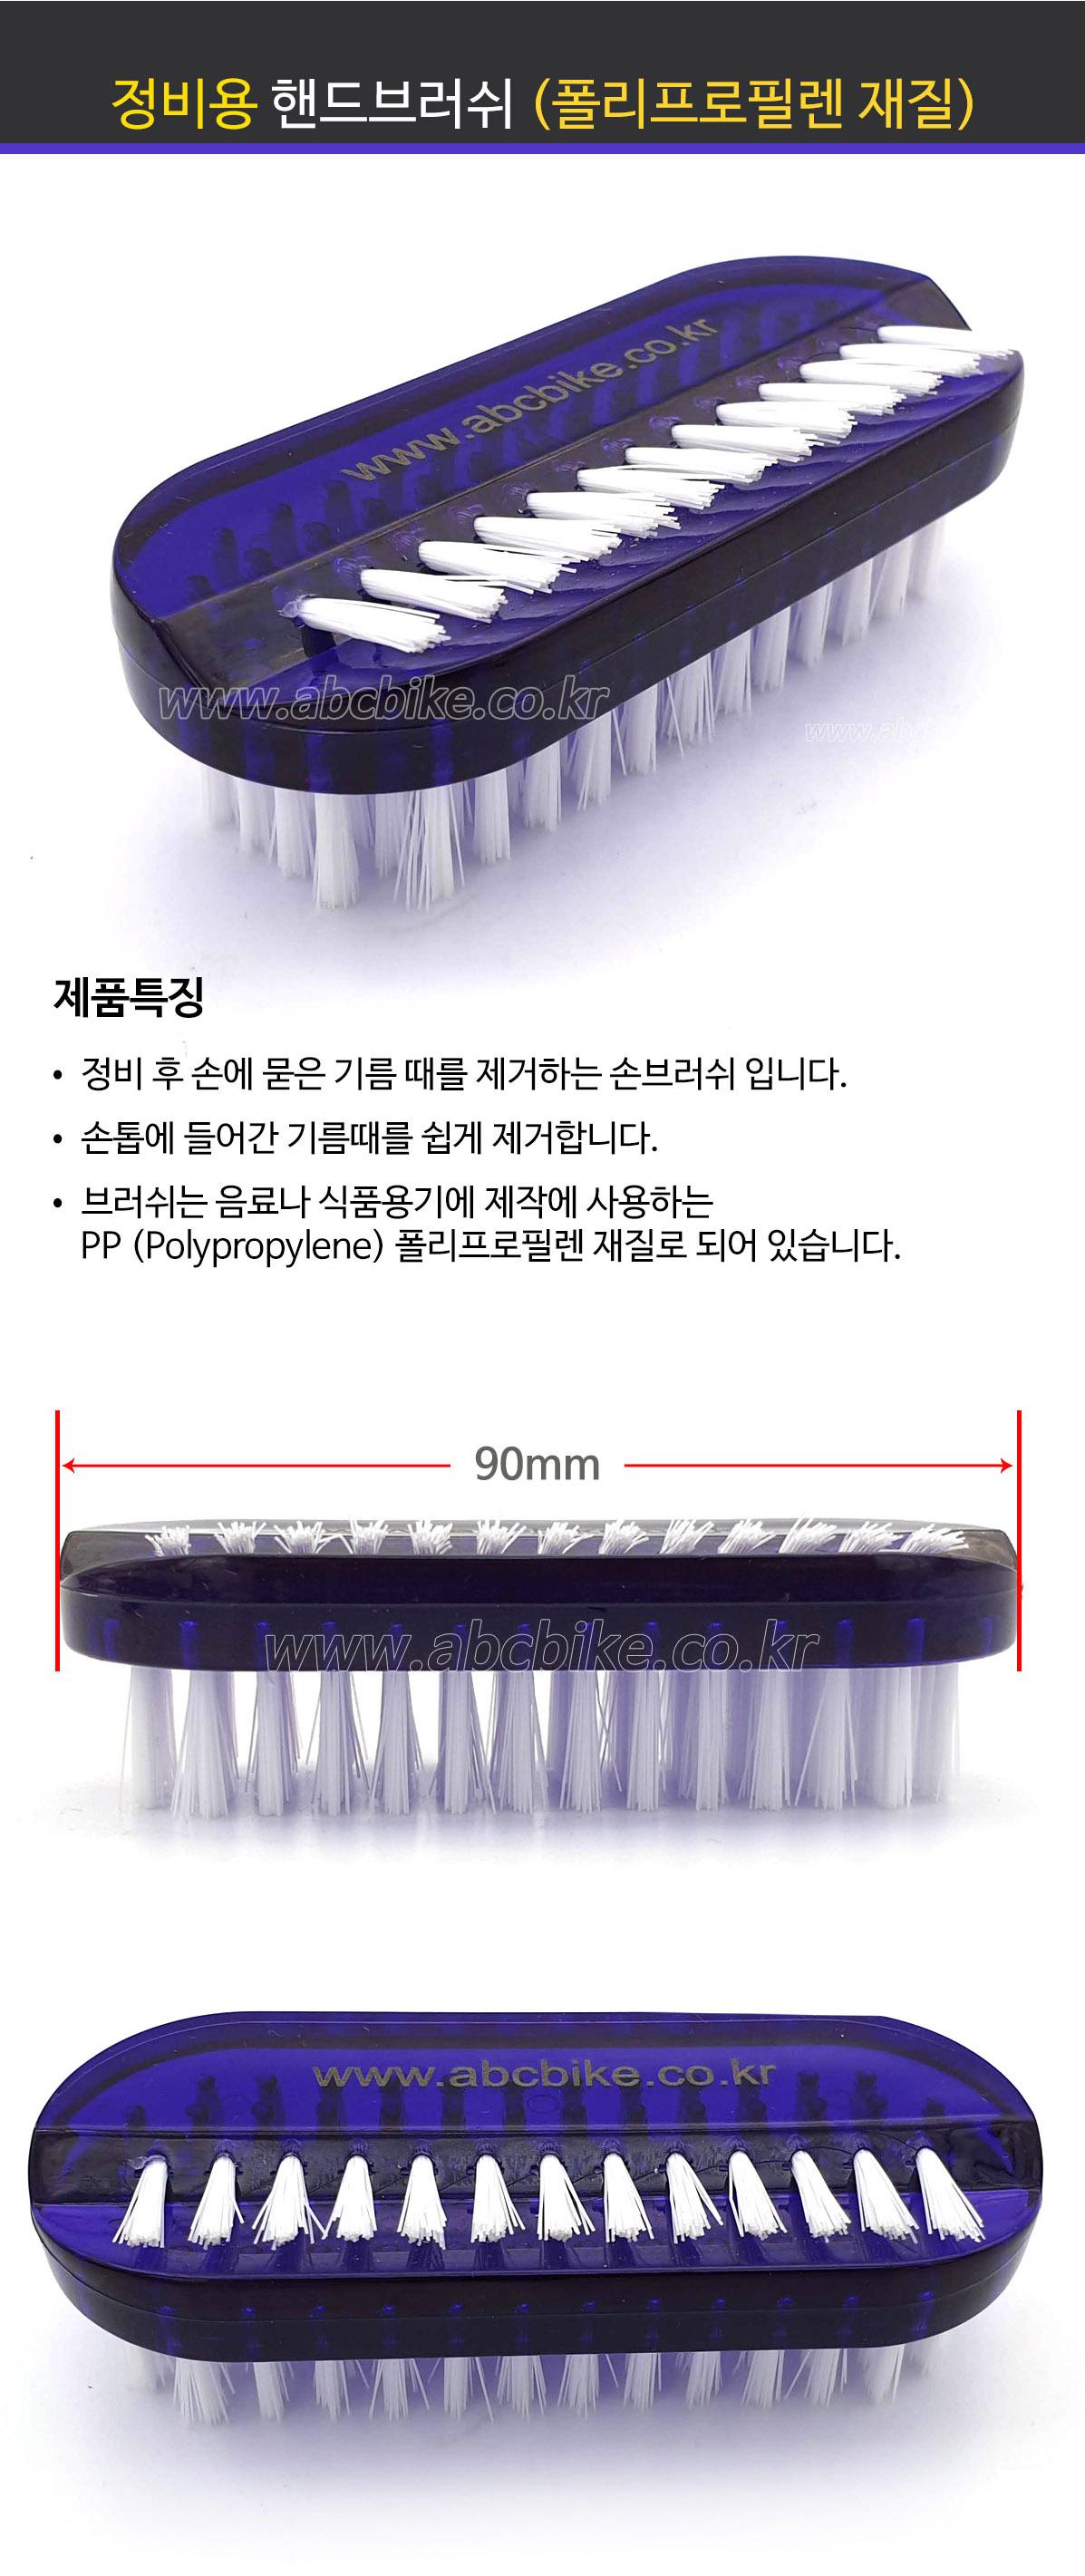 정비용 핸드브러쉬 손톱청소 손브러쉬 손톱솔 PP재질